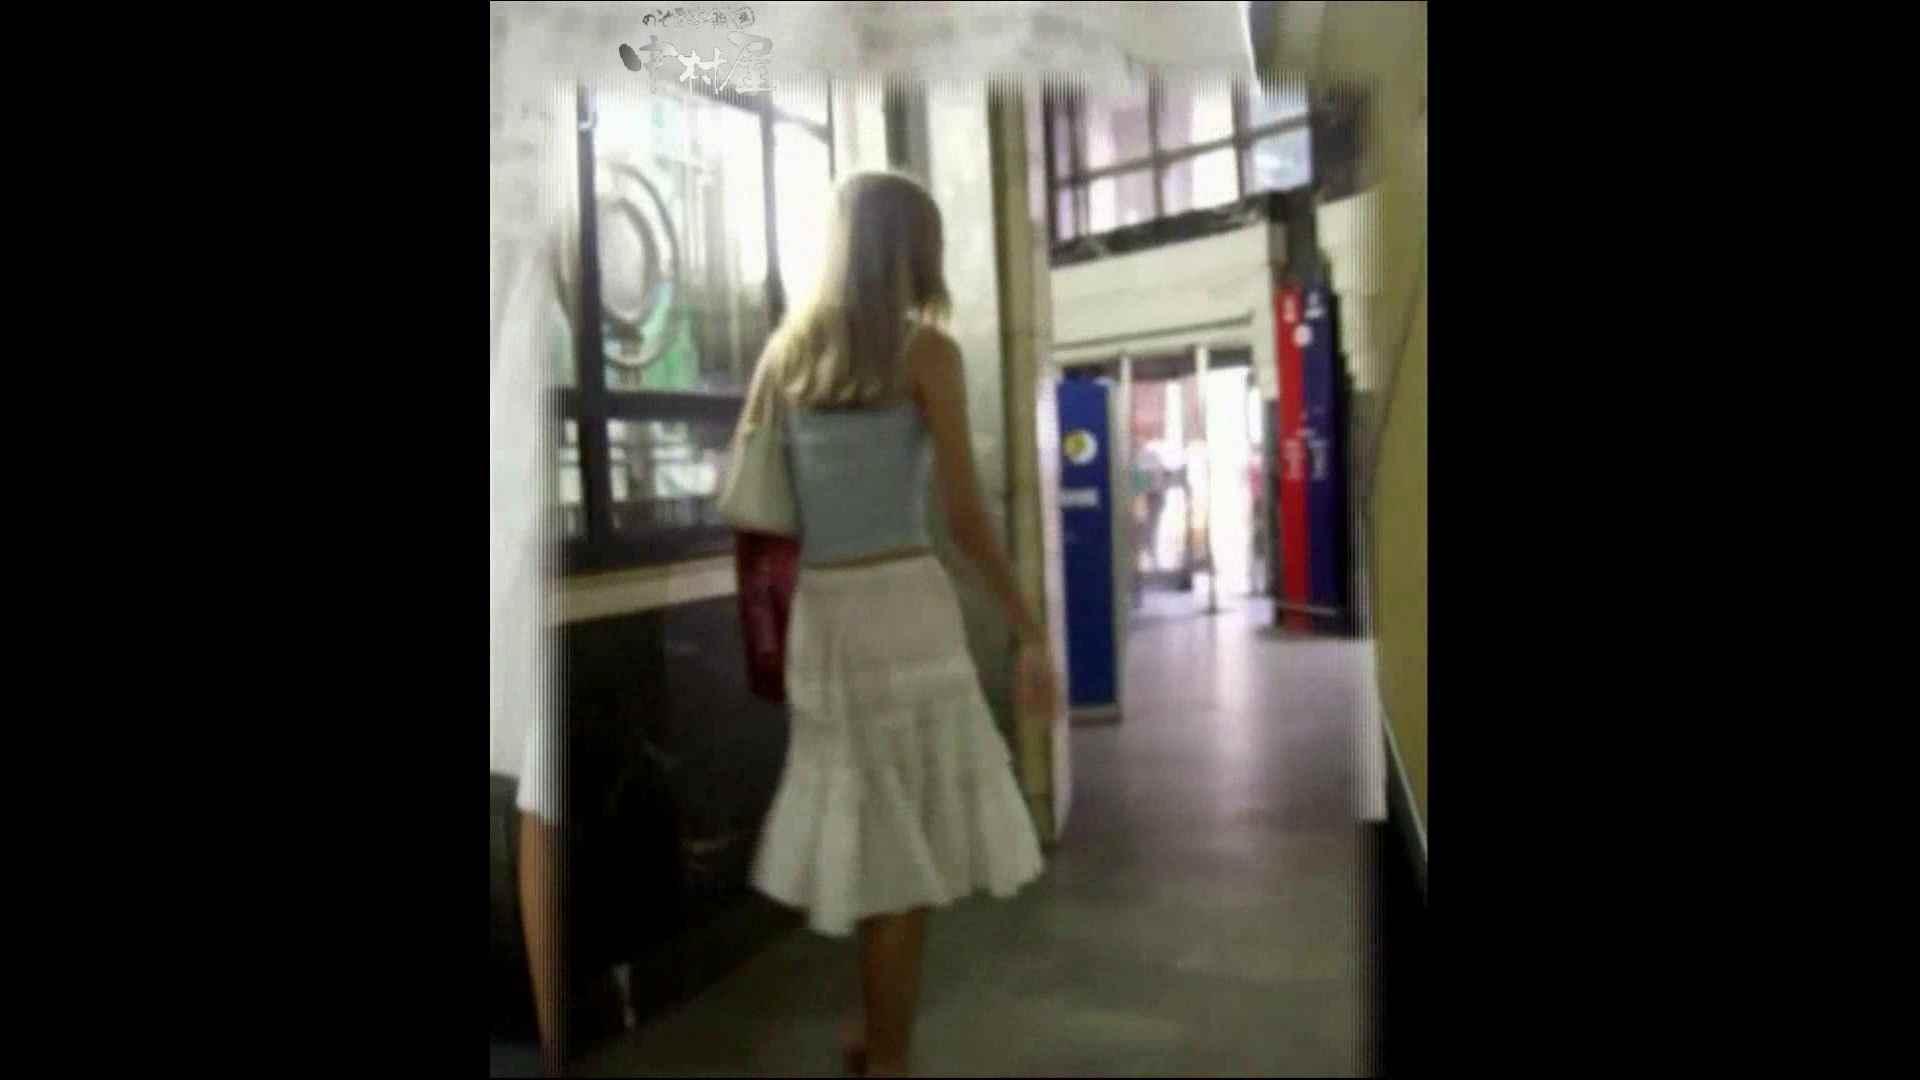 綺麗なモデルさんのスカート捲っちゃおう‼ vol16 お姉さんのエロ動画 | 0  106PIX 101